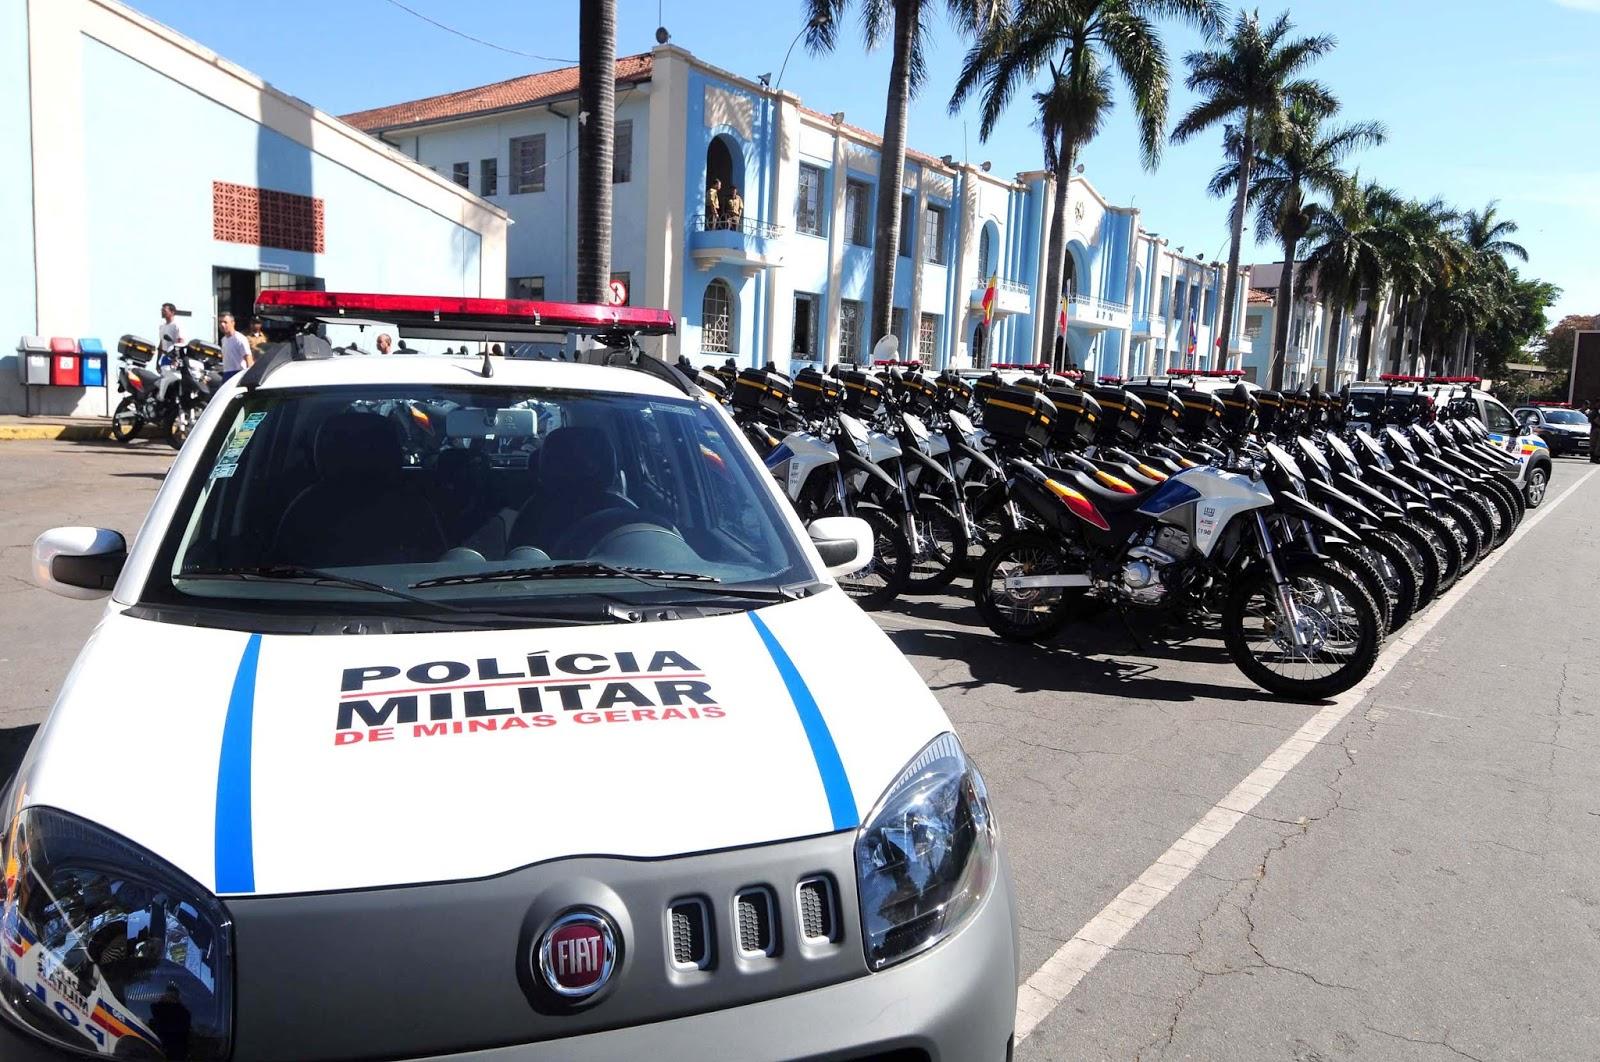 07824253ea6 Mais de 200 novas motocicletas já estão nas ruas da Região Metropolitana de  Belo Horizonte para facilitar o trabalho da Polícia Militar na defesa do  cidadão ...